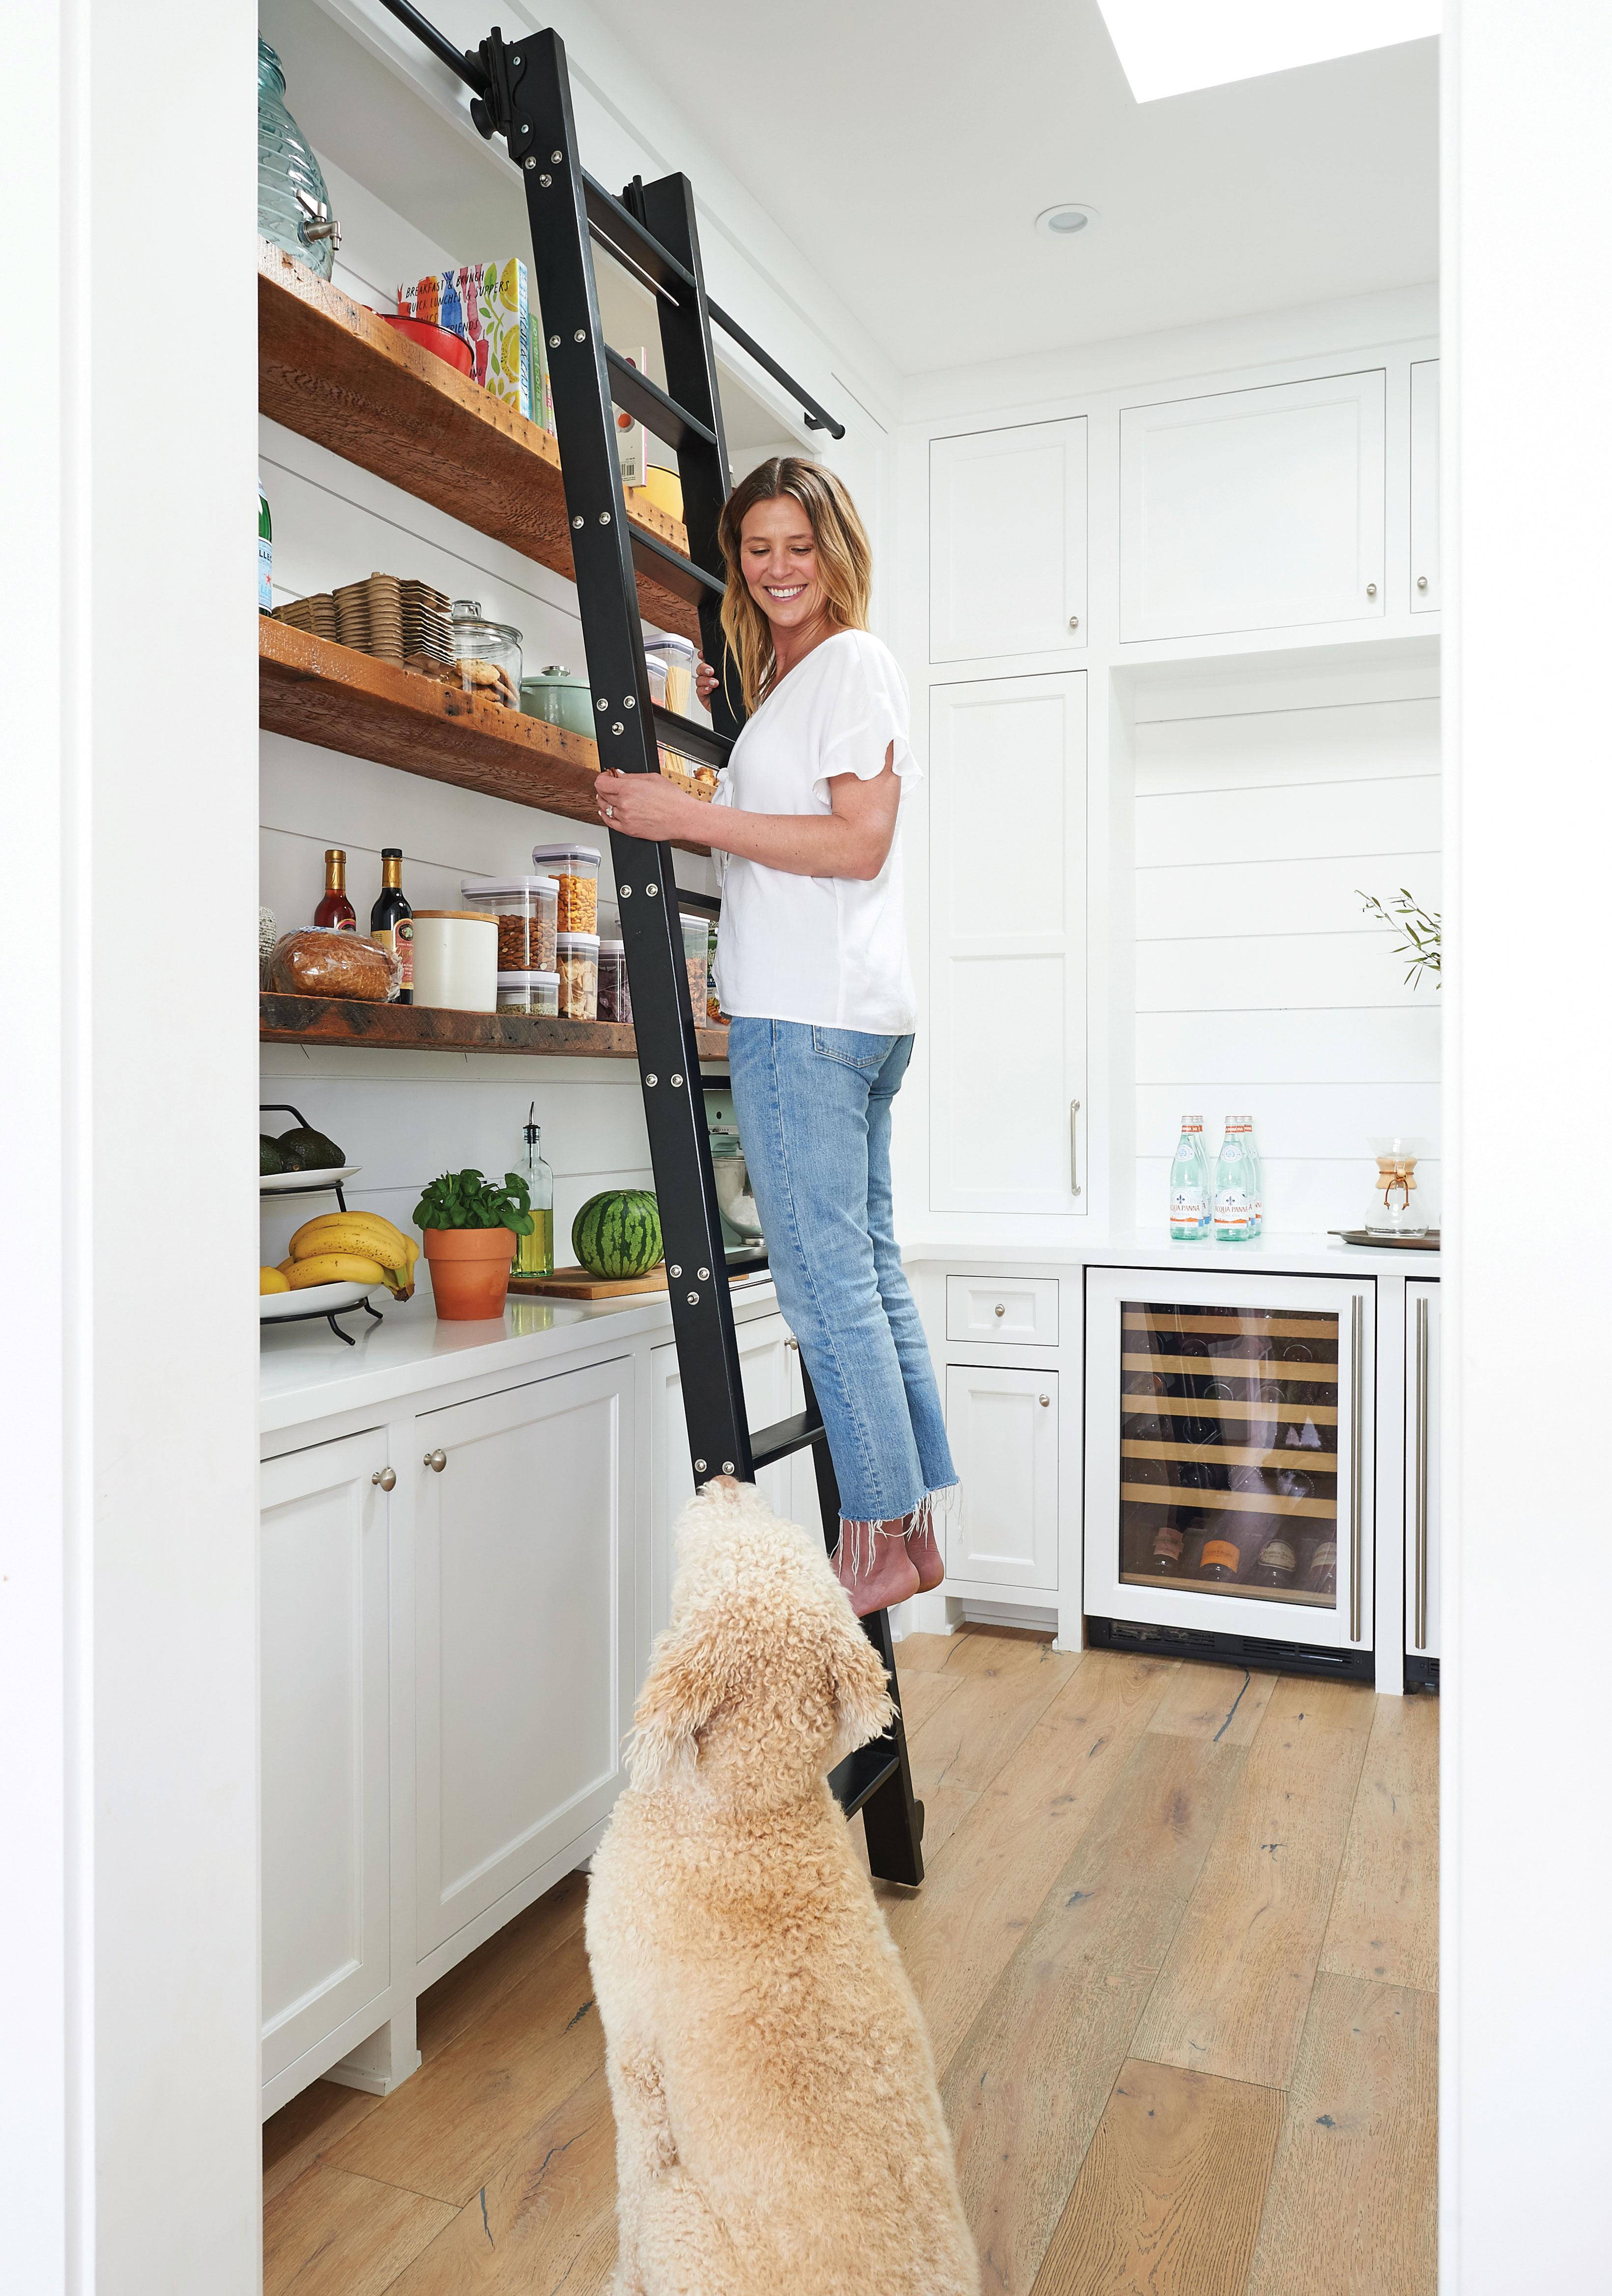 DIY kitchen butler's pantry